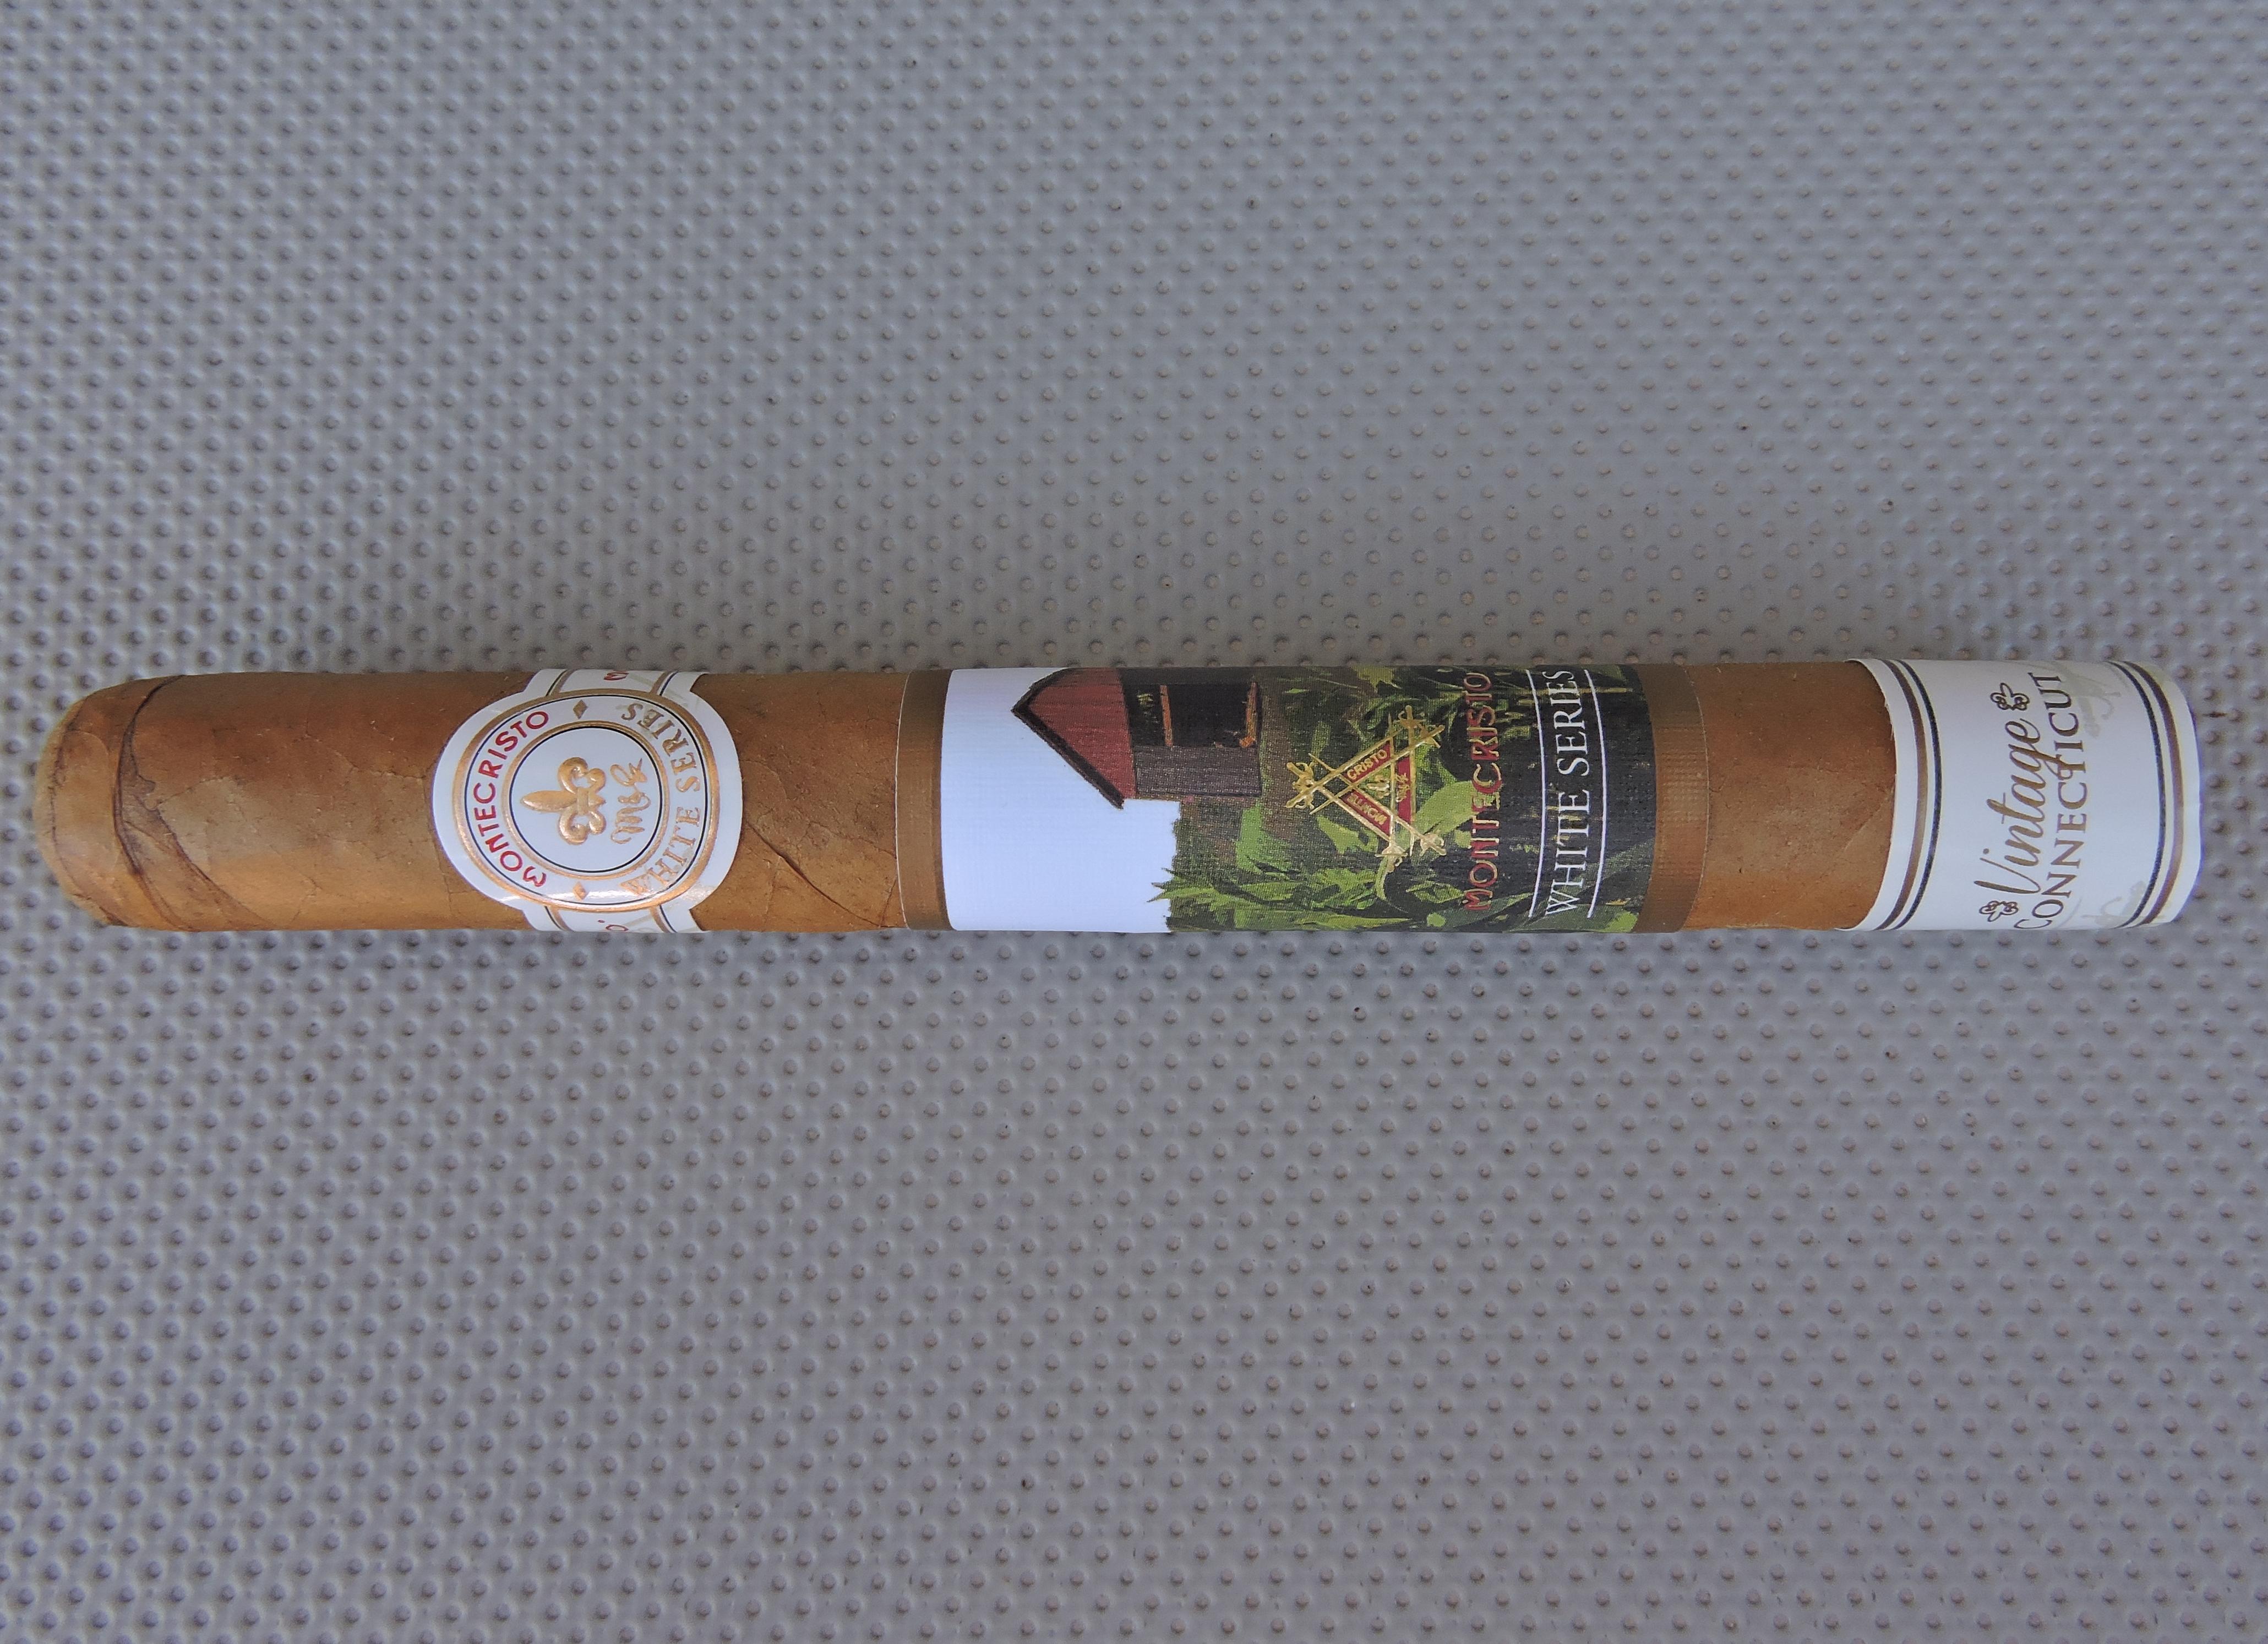 Agile Cigar Review: Montecristo White Vintage Connecticut No. 3